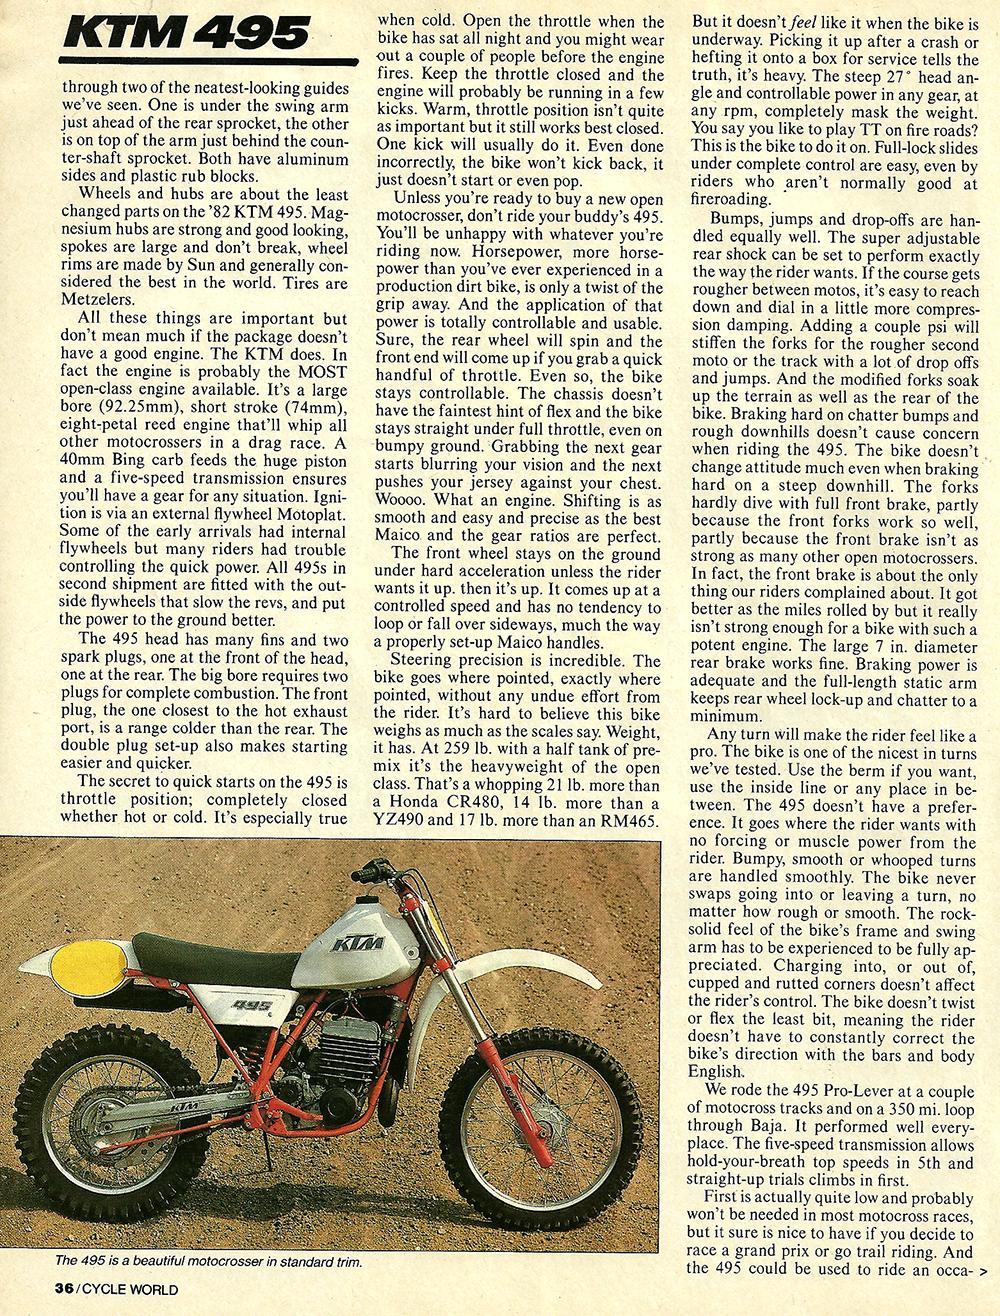 1982 KTM 495 Pro-Lever road test 03.jpg